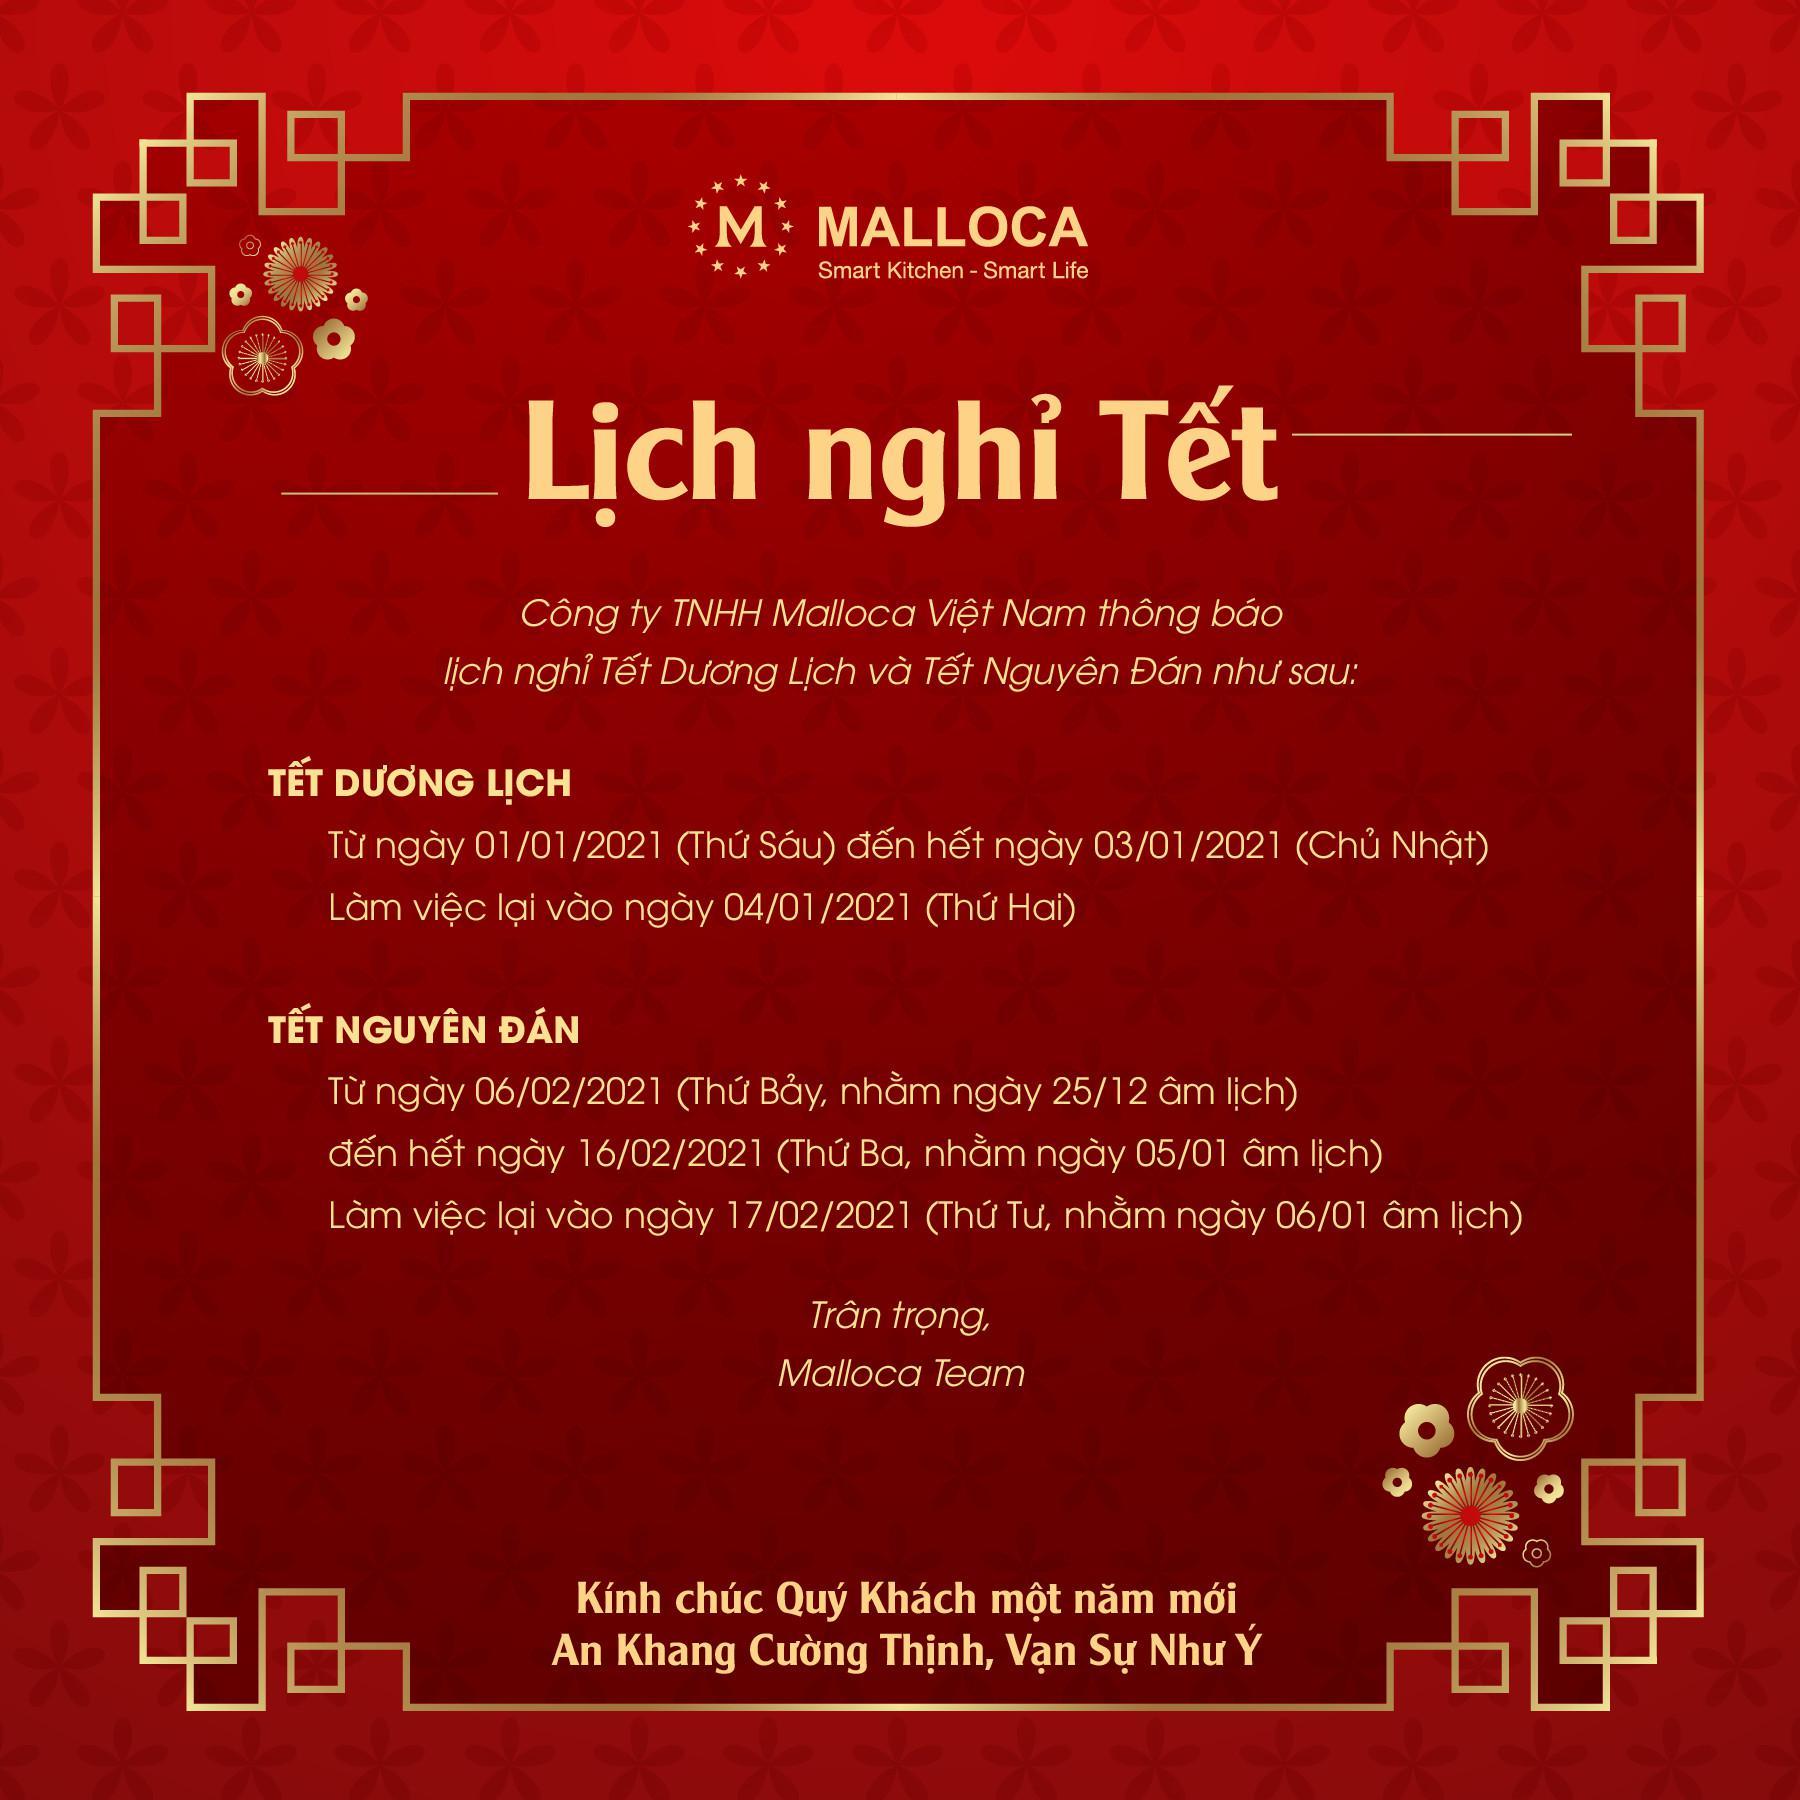 Malloca thông báo lịch nghỉ Tết 2021